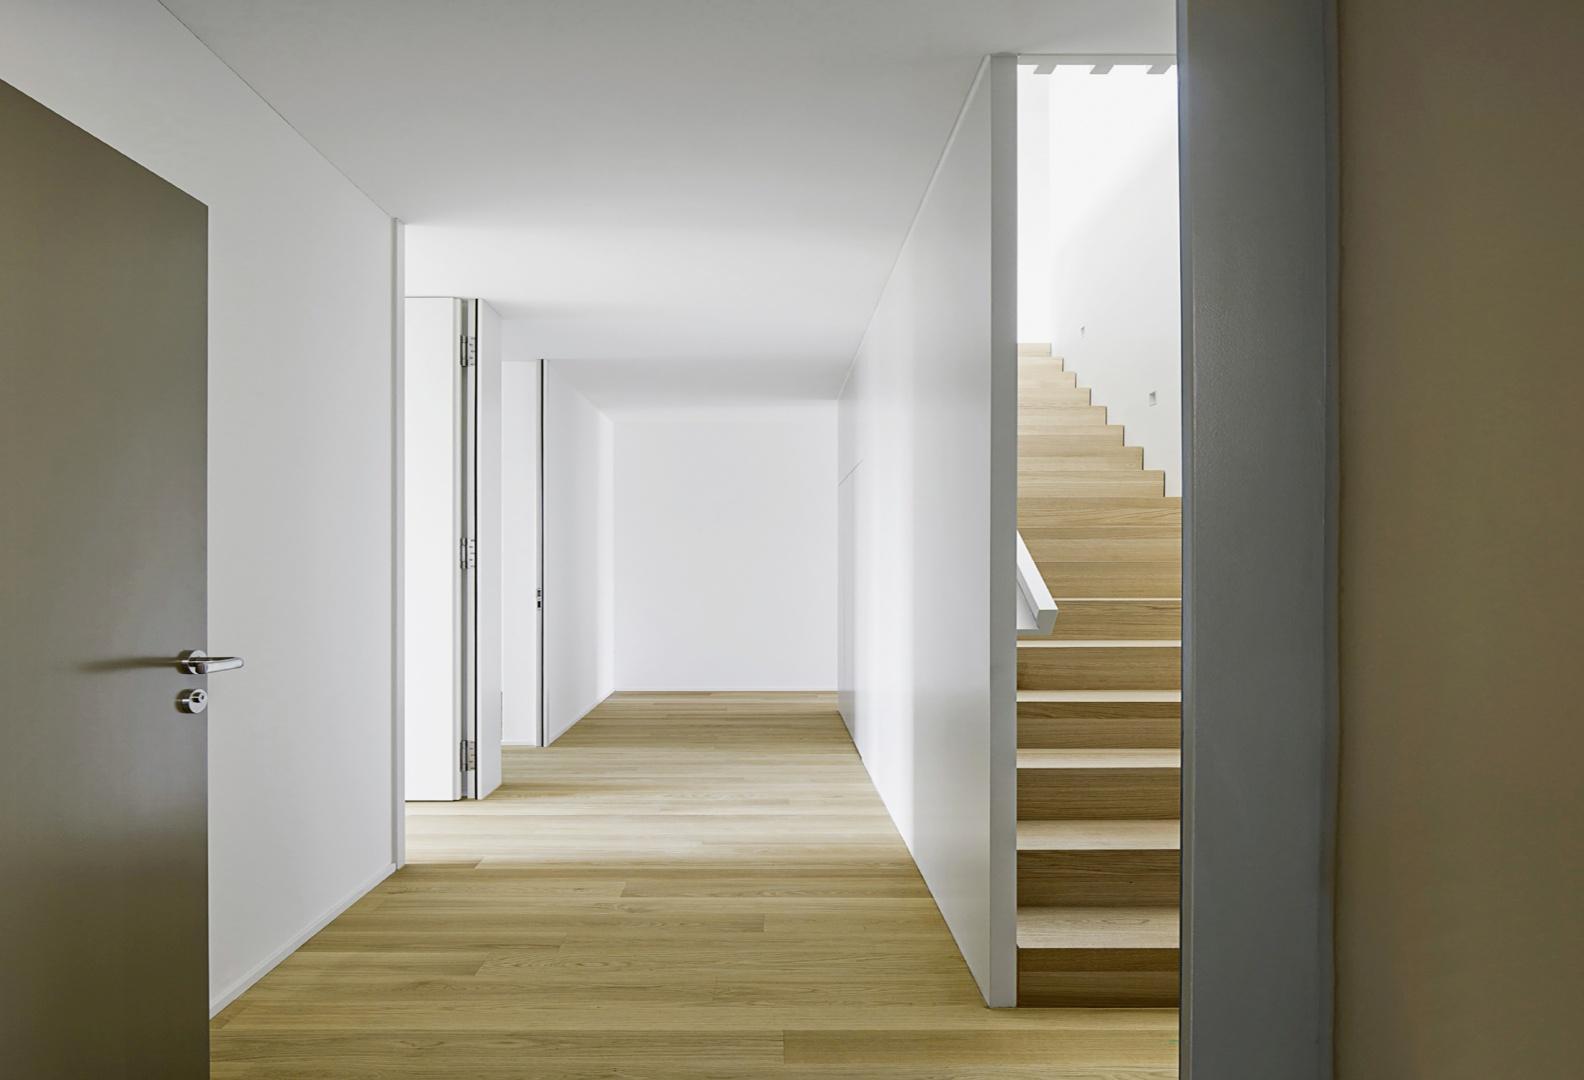 Eingangsbereich der Maisonette-Wohnung im  4./5. Obergeschoss, rechts die Treppe, die ins Attikageschoss führt  © Tom Bisig